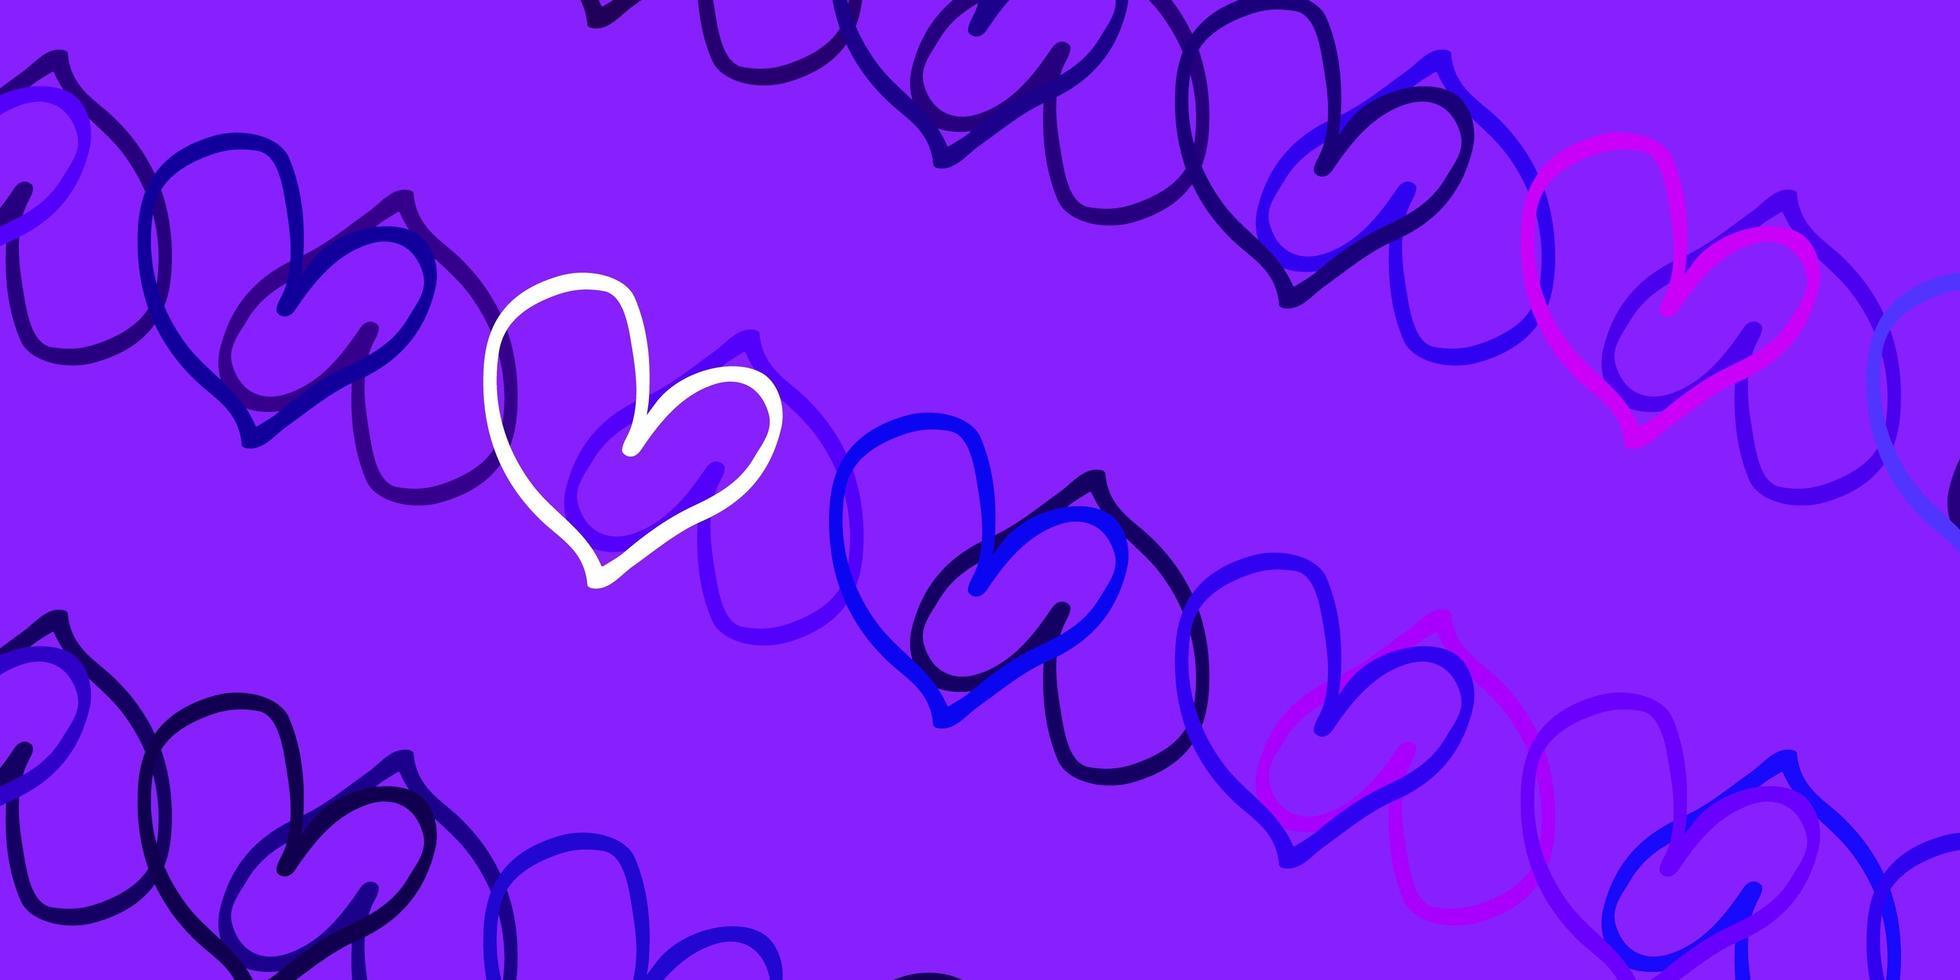 textura de vector violeta, rosa claro con corazones encantadores.